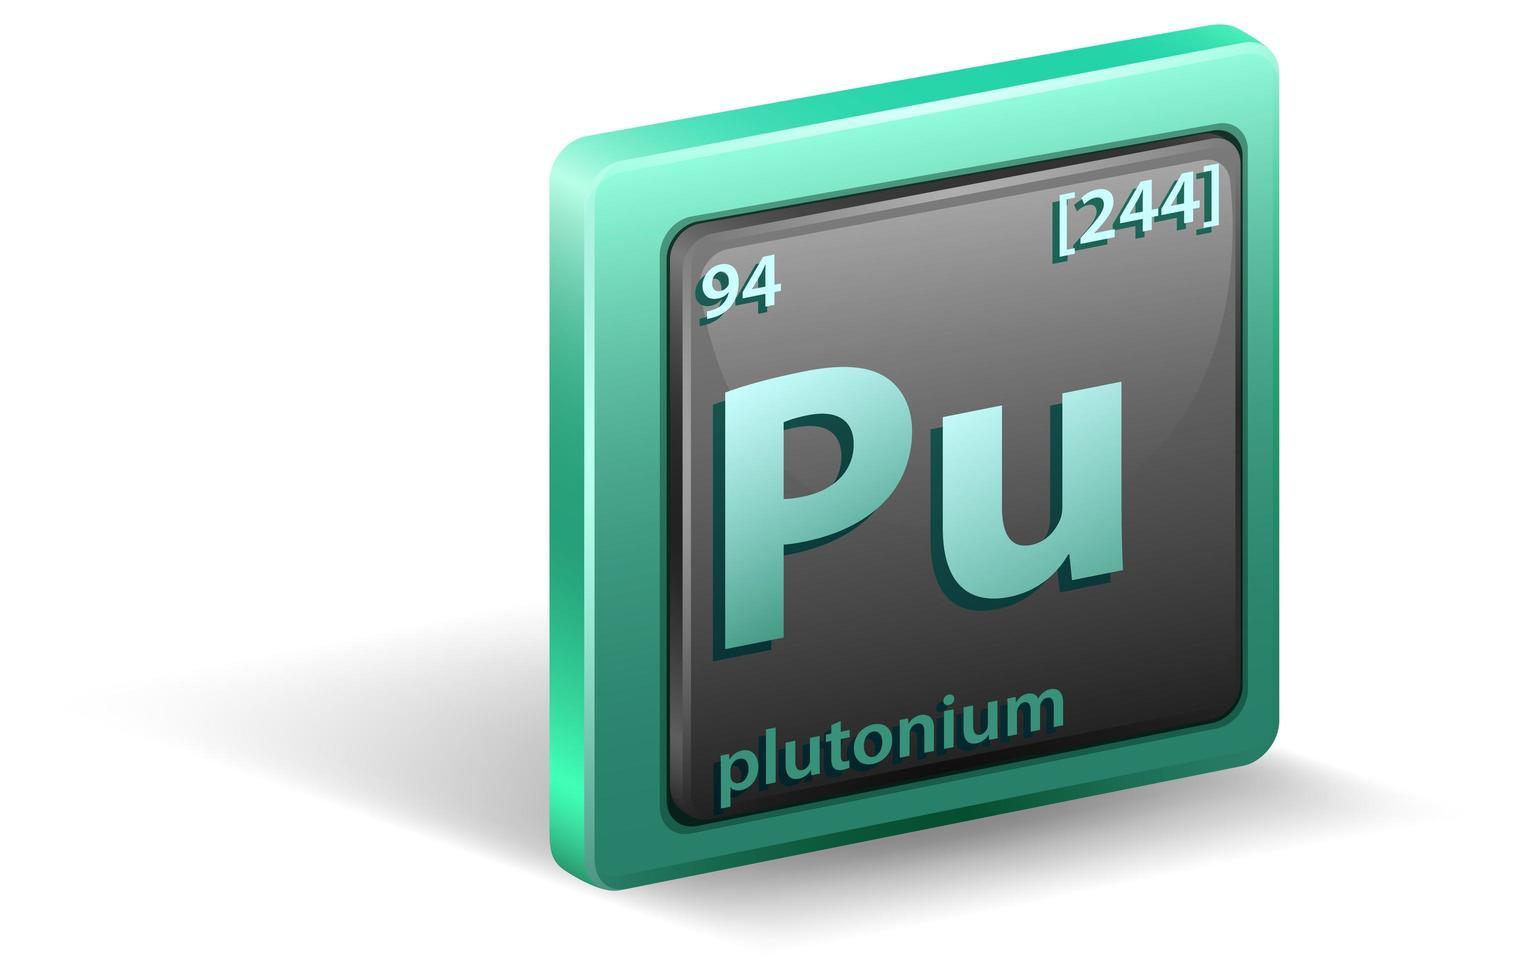 plutonium scheikundig element. chemisch symbool met atoomnummer en atoommassa. vector